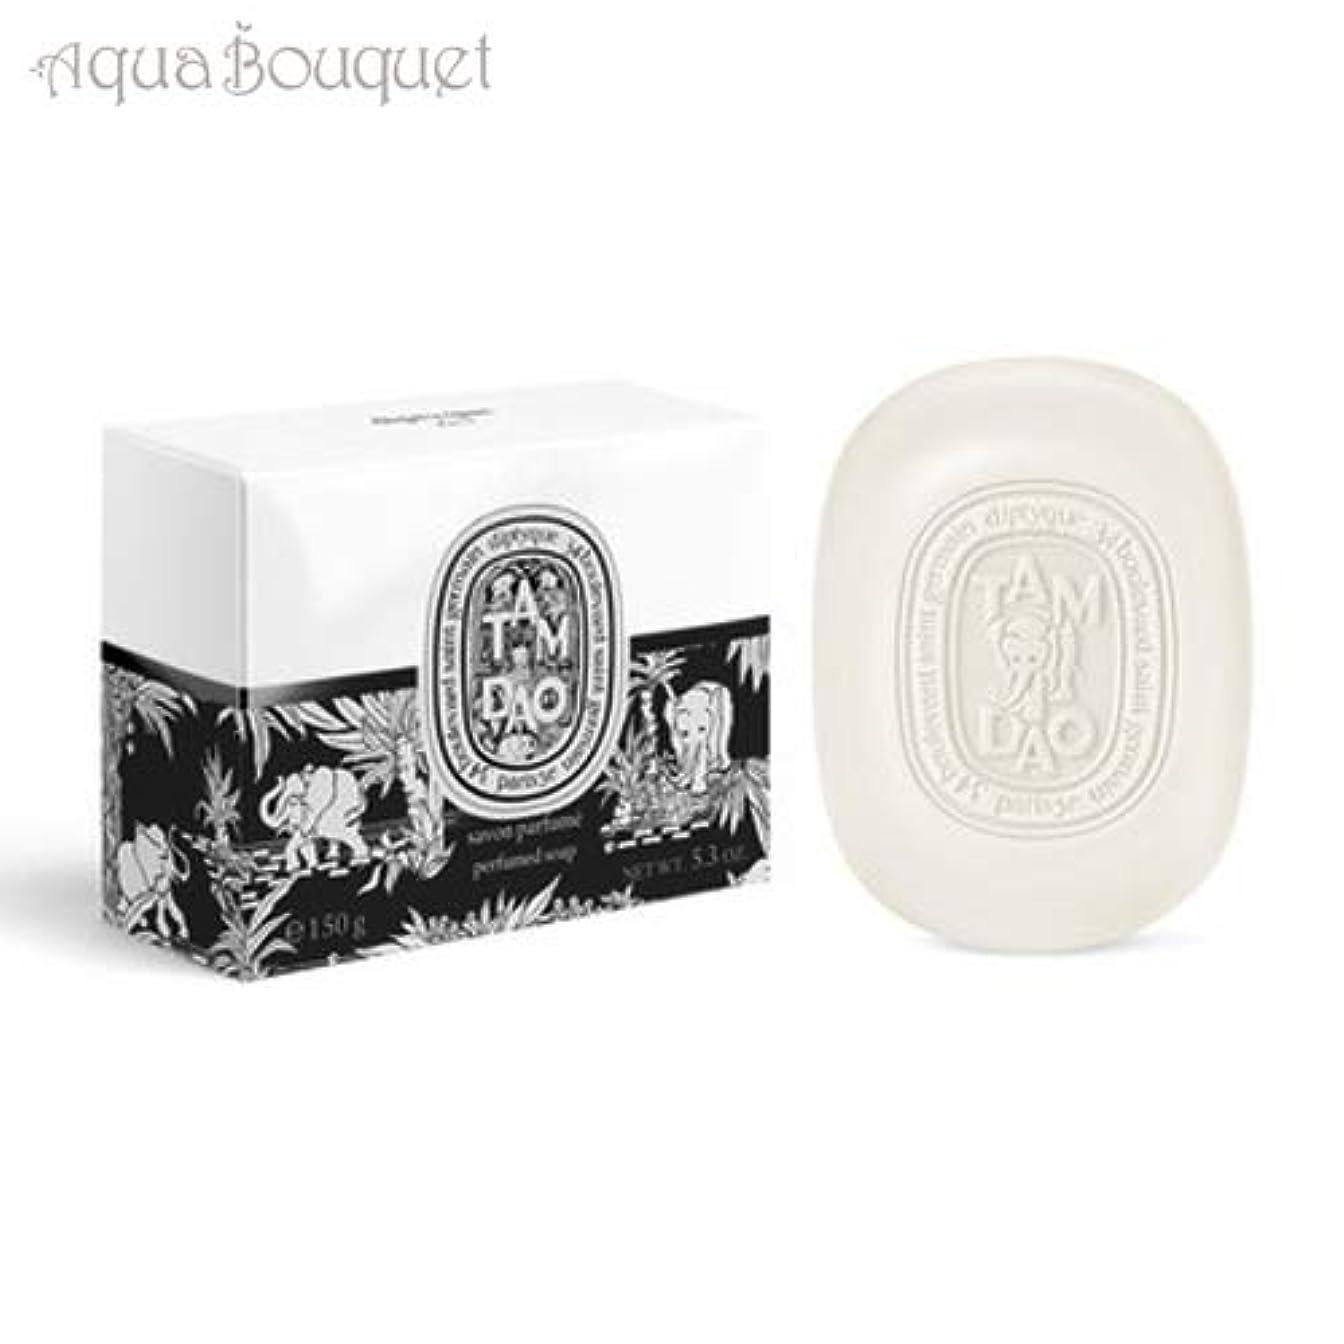 生命体周り放置ディプティック タムダオ ソープ 150g DIPTYQUE TAMDAO PERFUMED SOAP [8289] [並行輸入品]